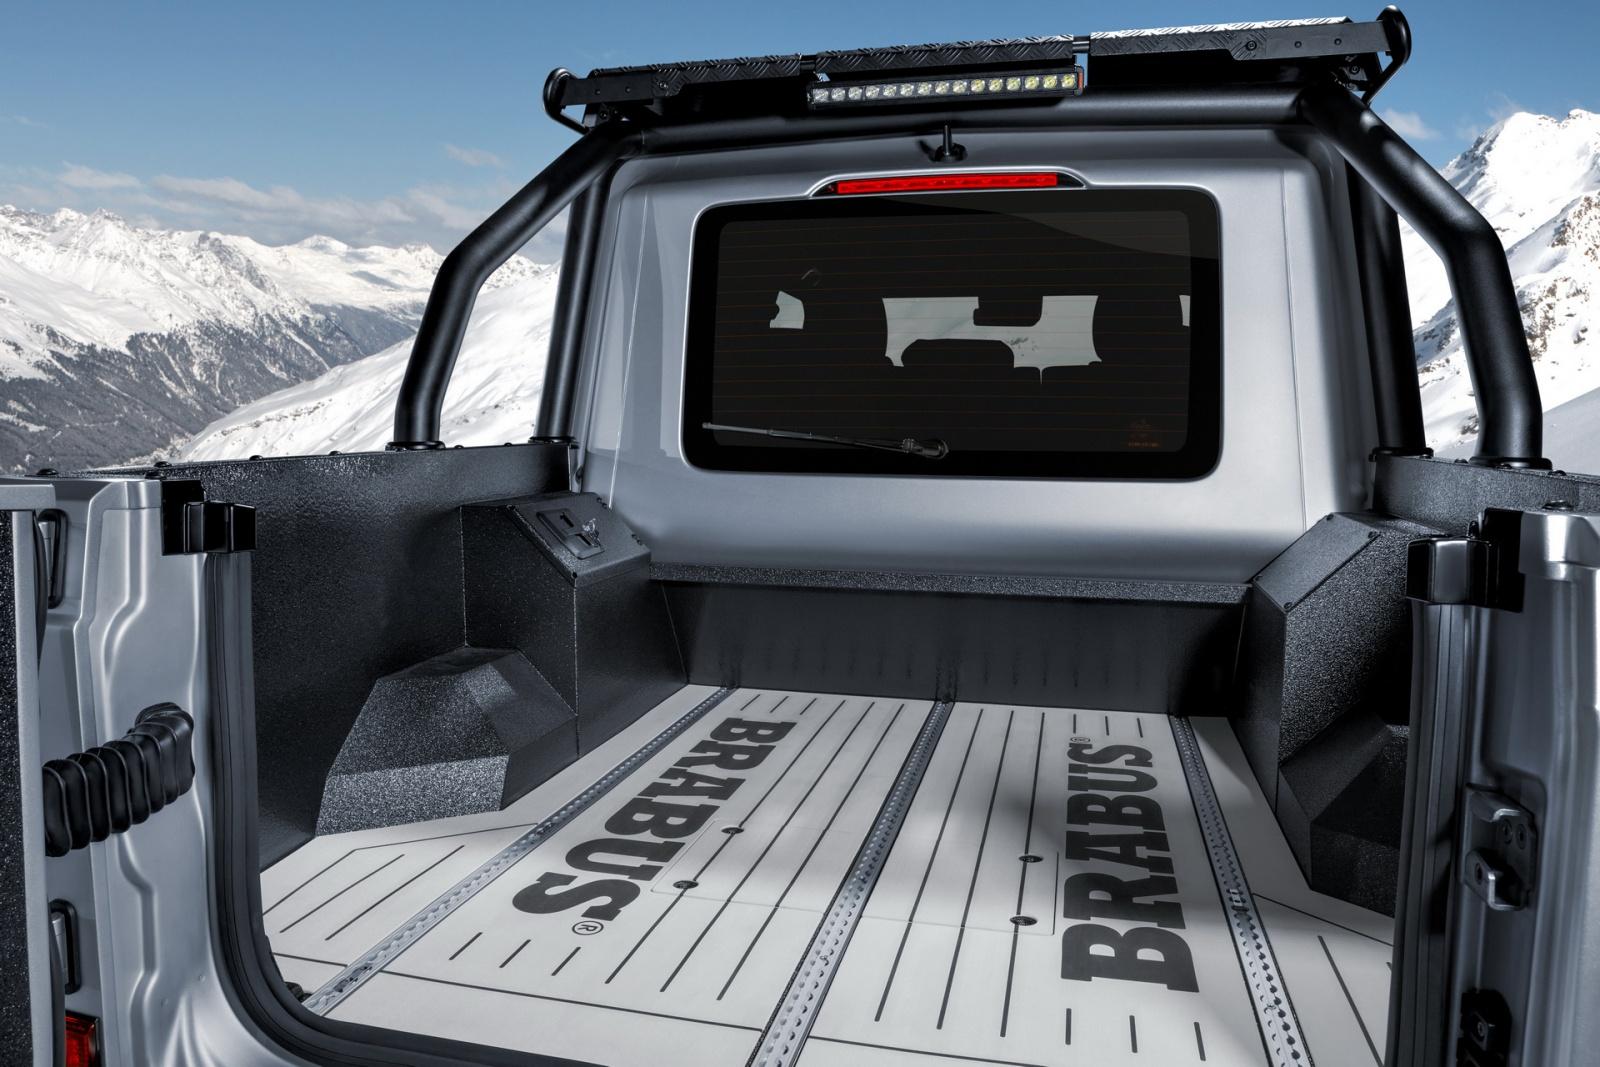 Название: Brabus-800-Adventure-XLP-13.jpg Просмотров: 668  Размер: 500.7 Кб